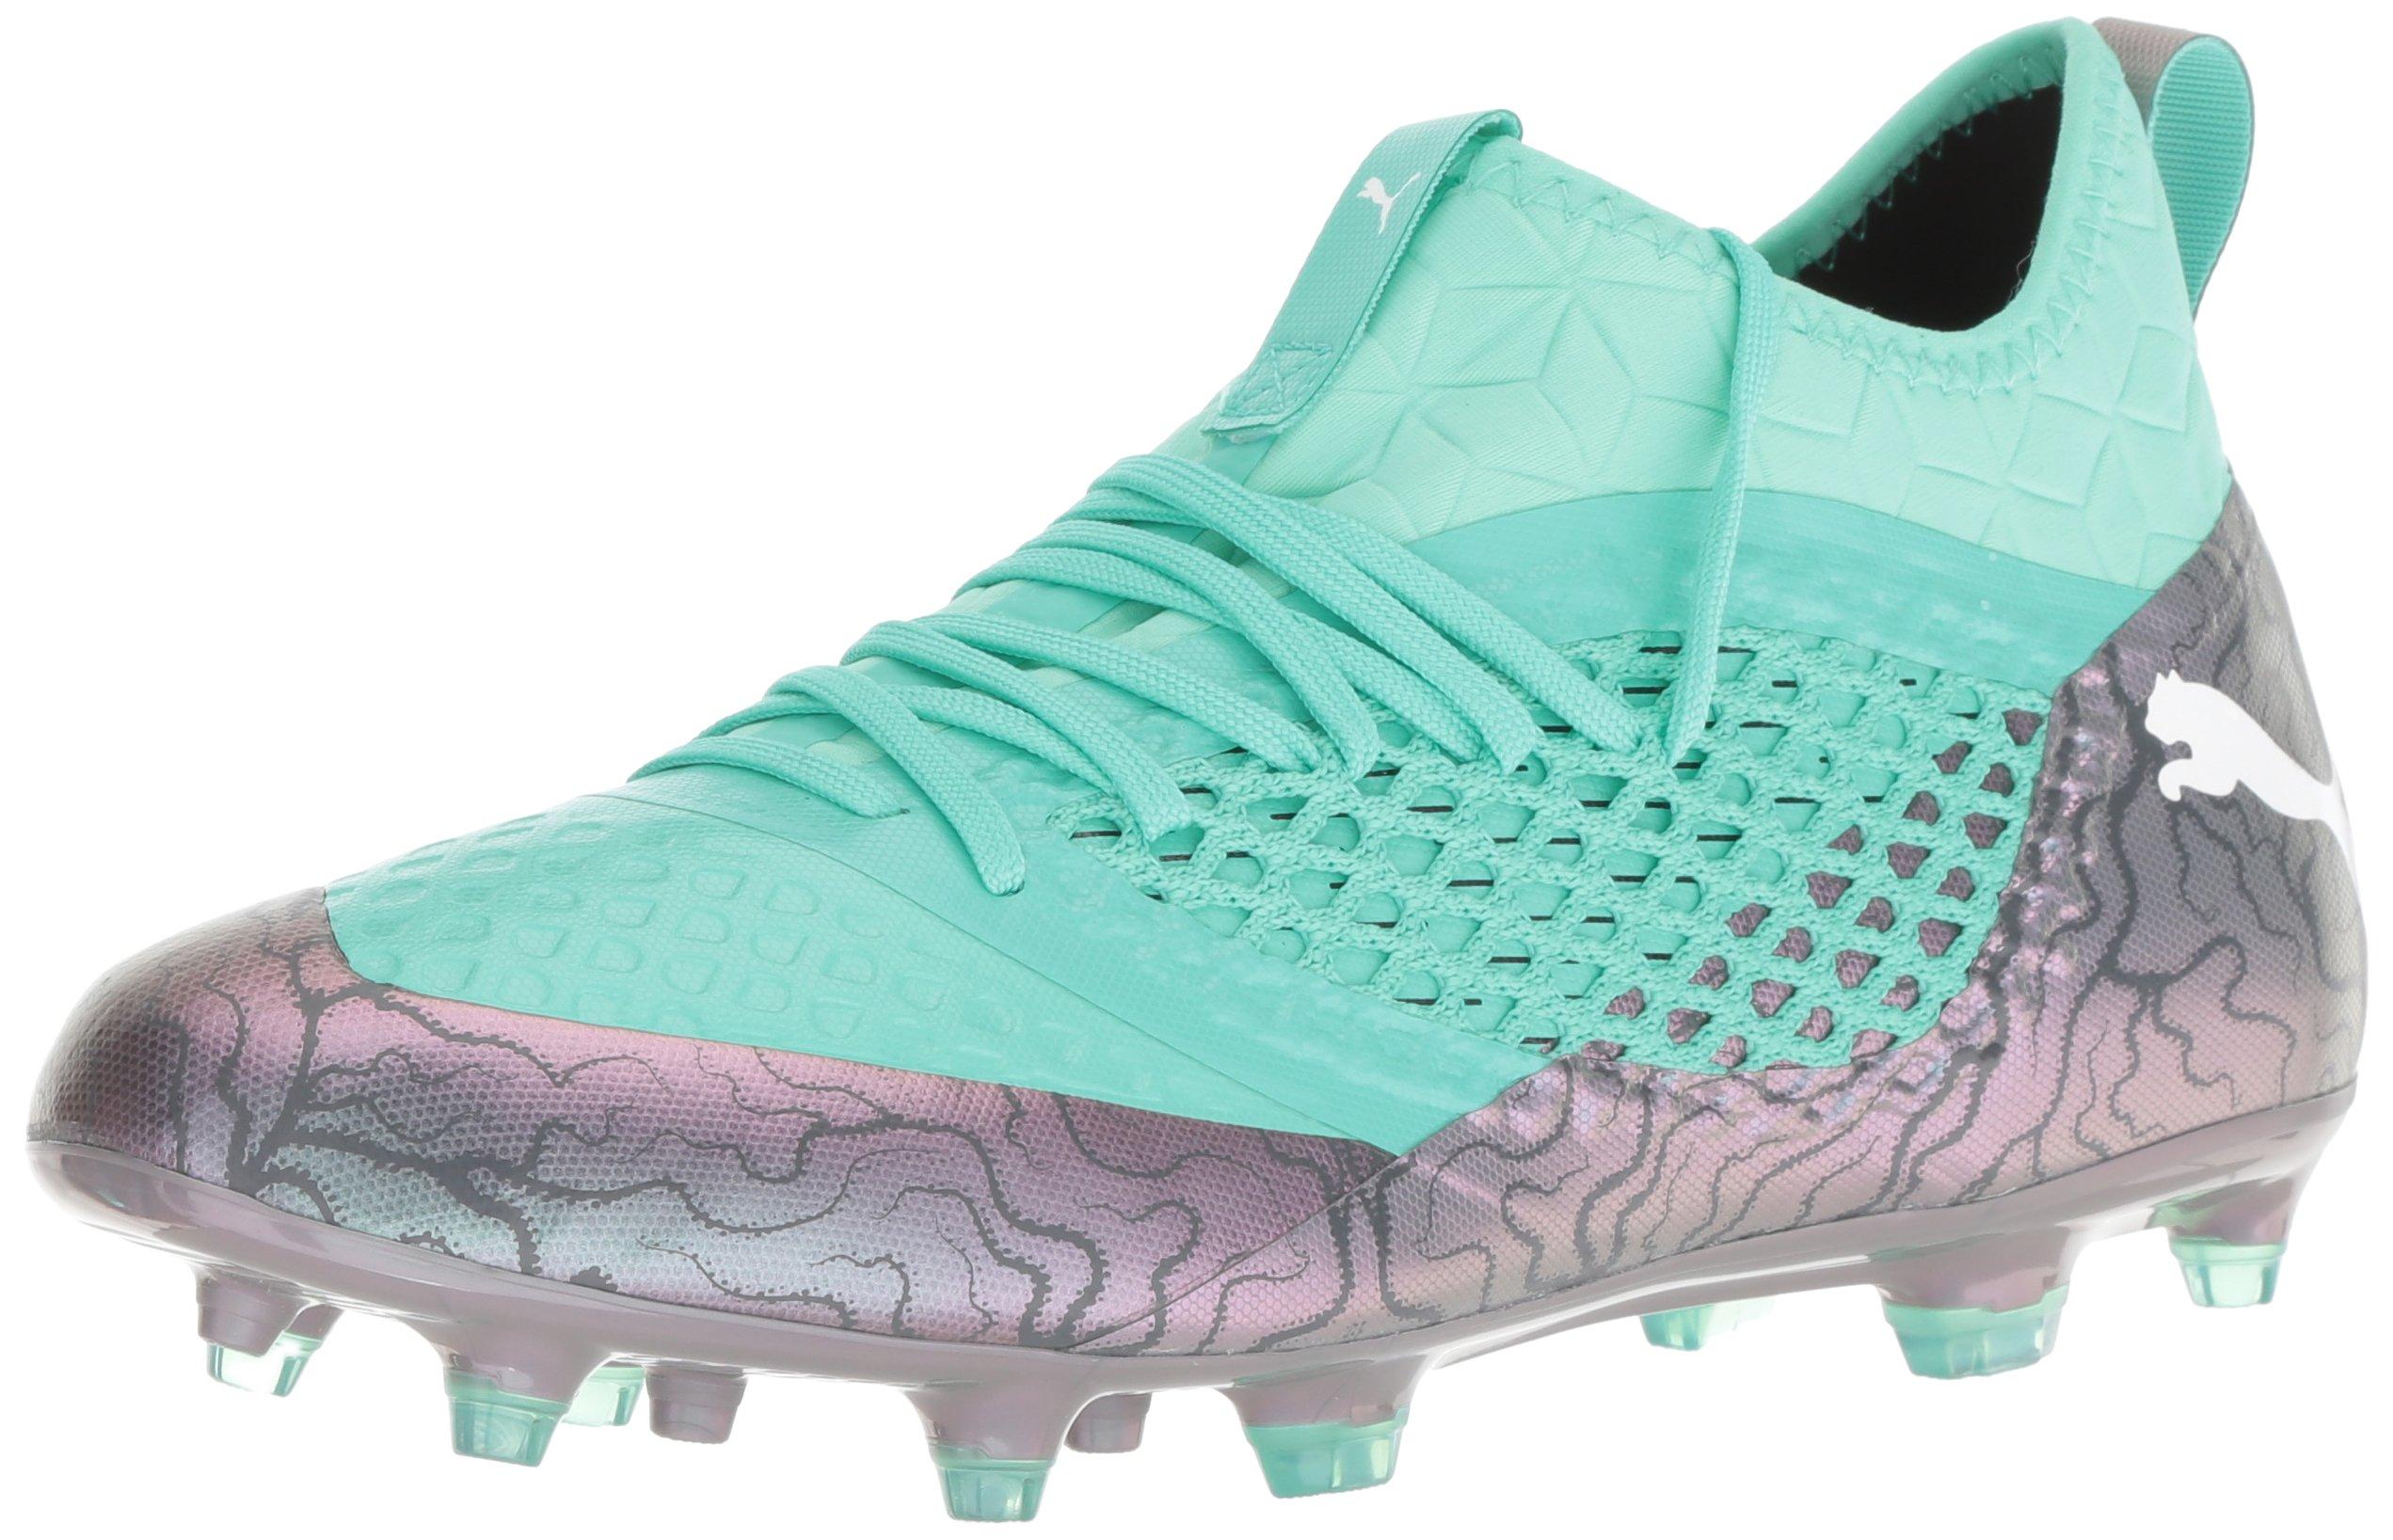 Galleon - PUMA Men s Future 2.3 Netfit FG AG Soccer Shoe 4c21506dc